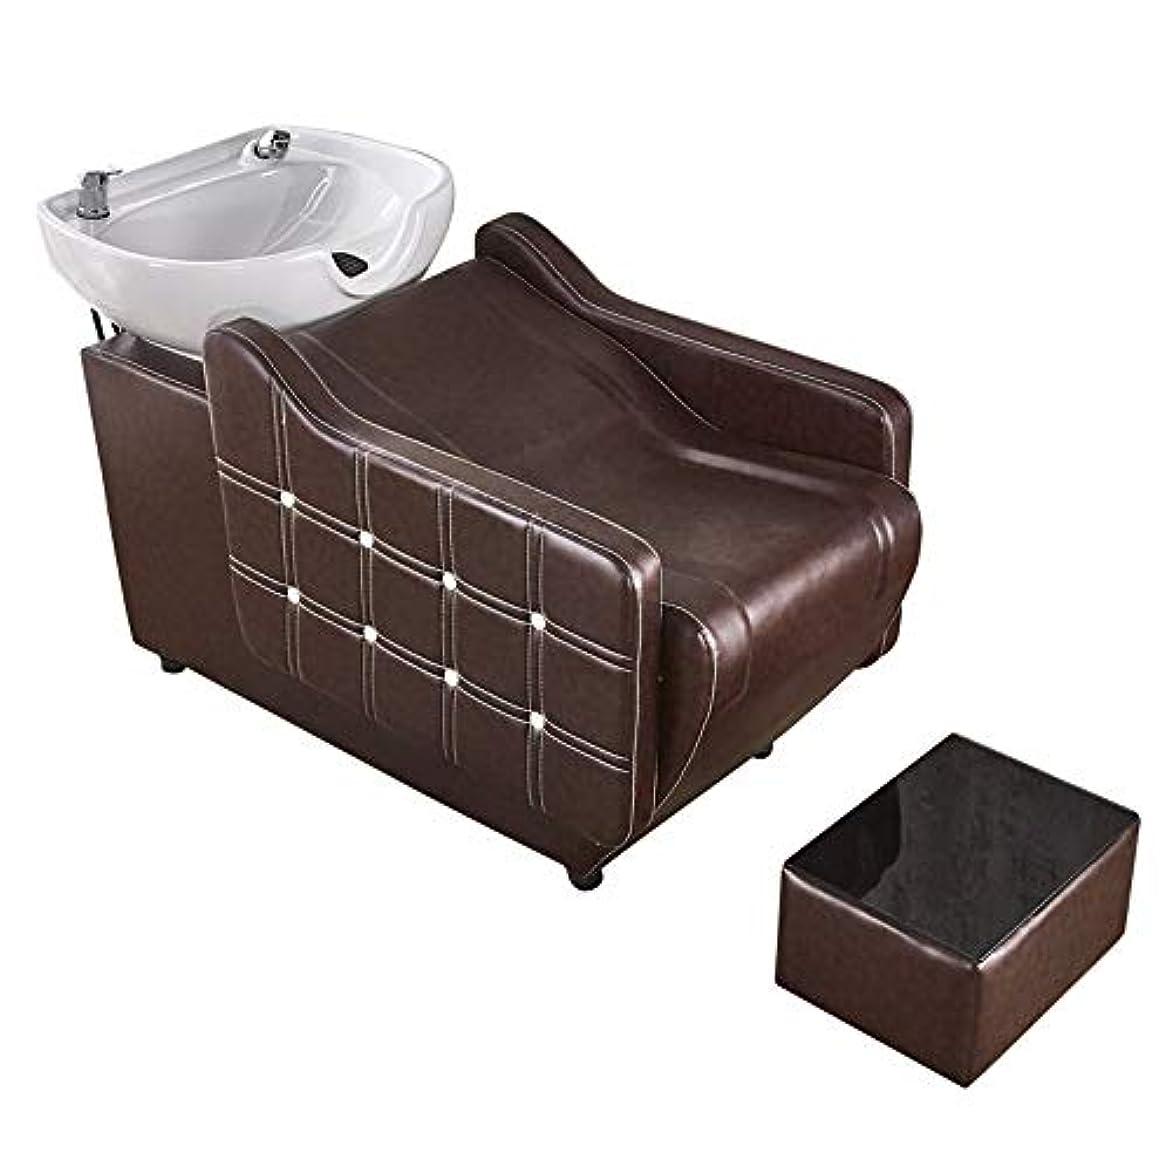 トリプル温帯厳しいシャンプーチェア、理髪店の逆洗ユニットシャンプーボウル理髪シンクの椅子用スパ美容院